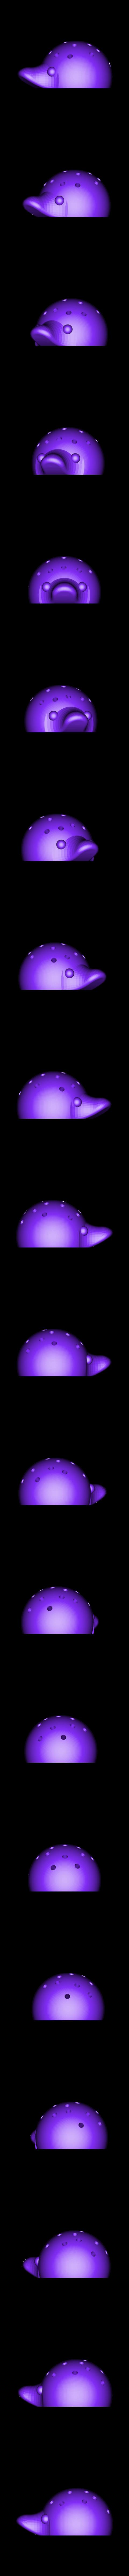 hedgehogs_for_lollipops.stl Télécharger fichier STL gratuit hérissons pour sucettes • Plan à imprimer en 3D, mariospeed